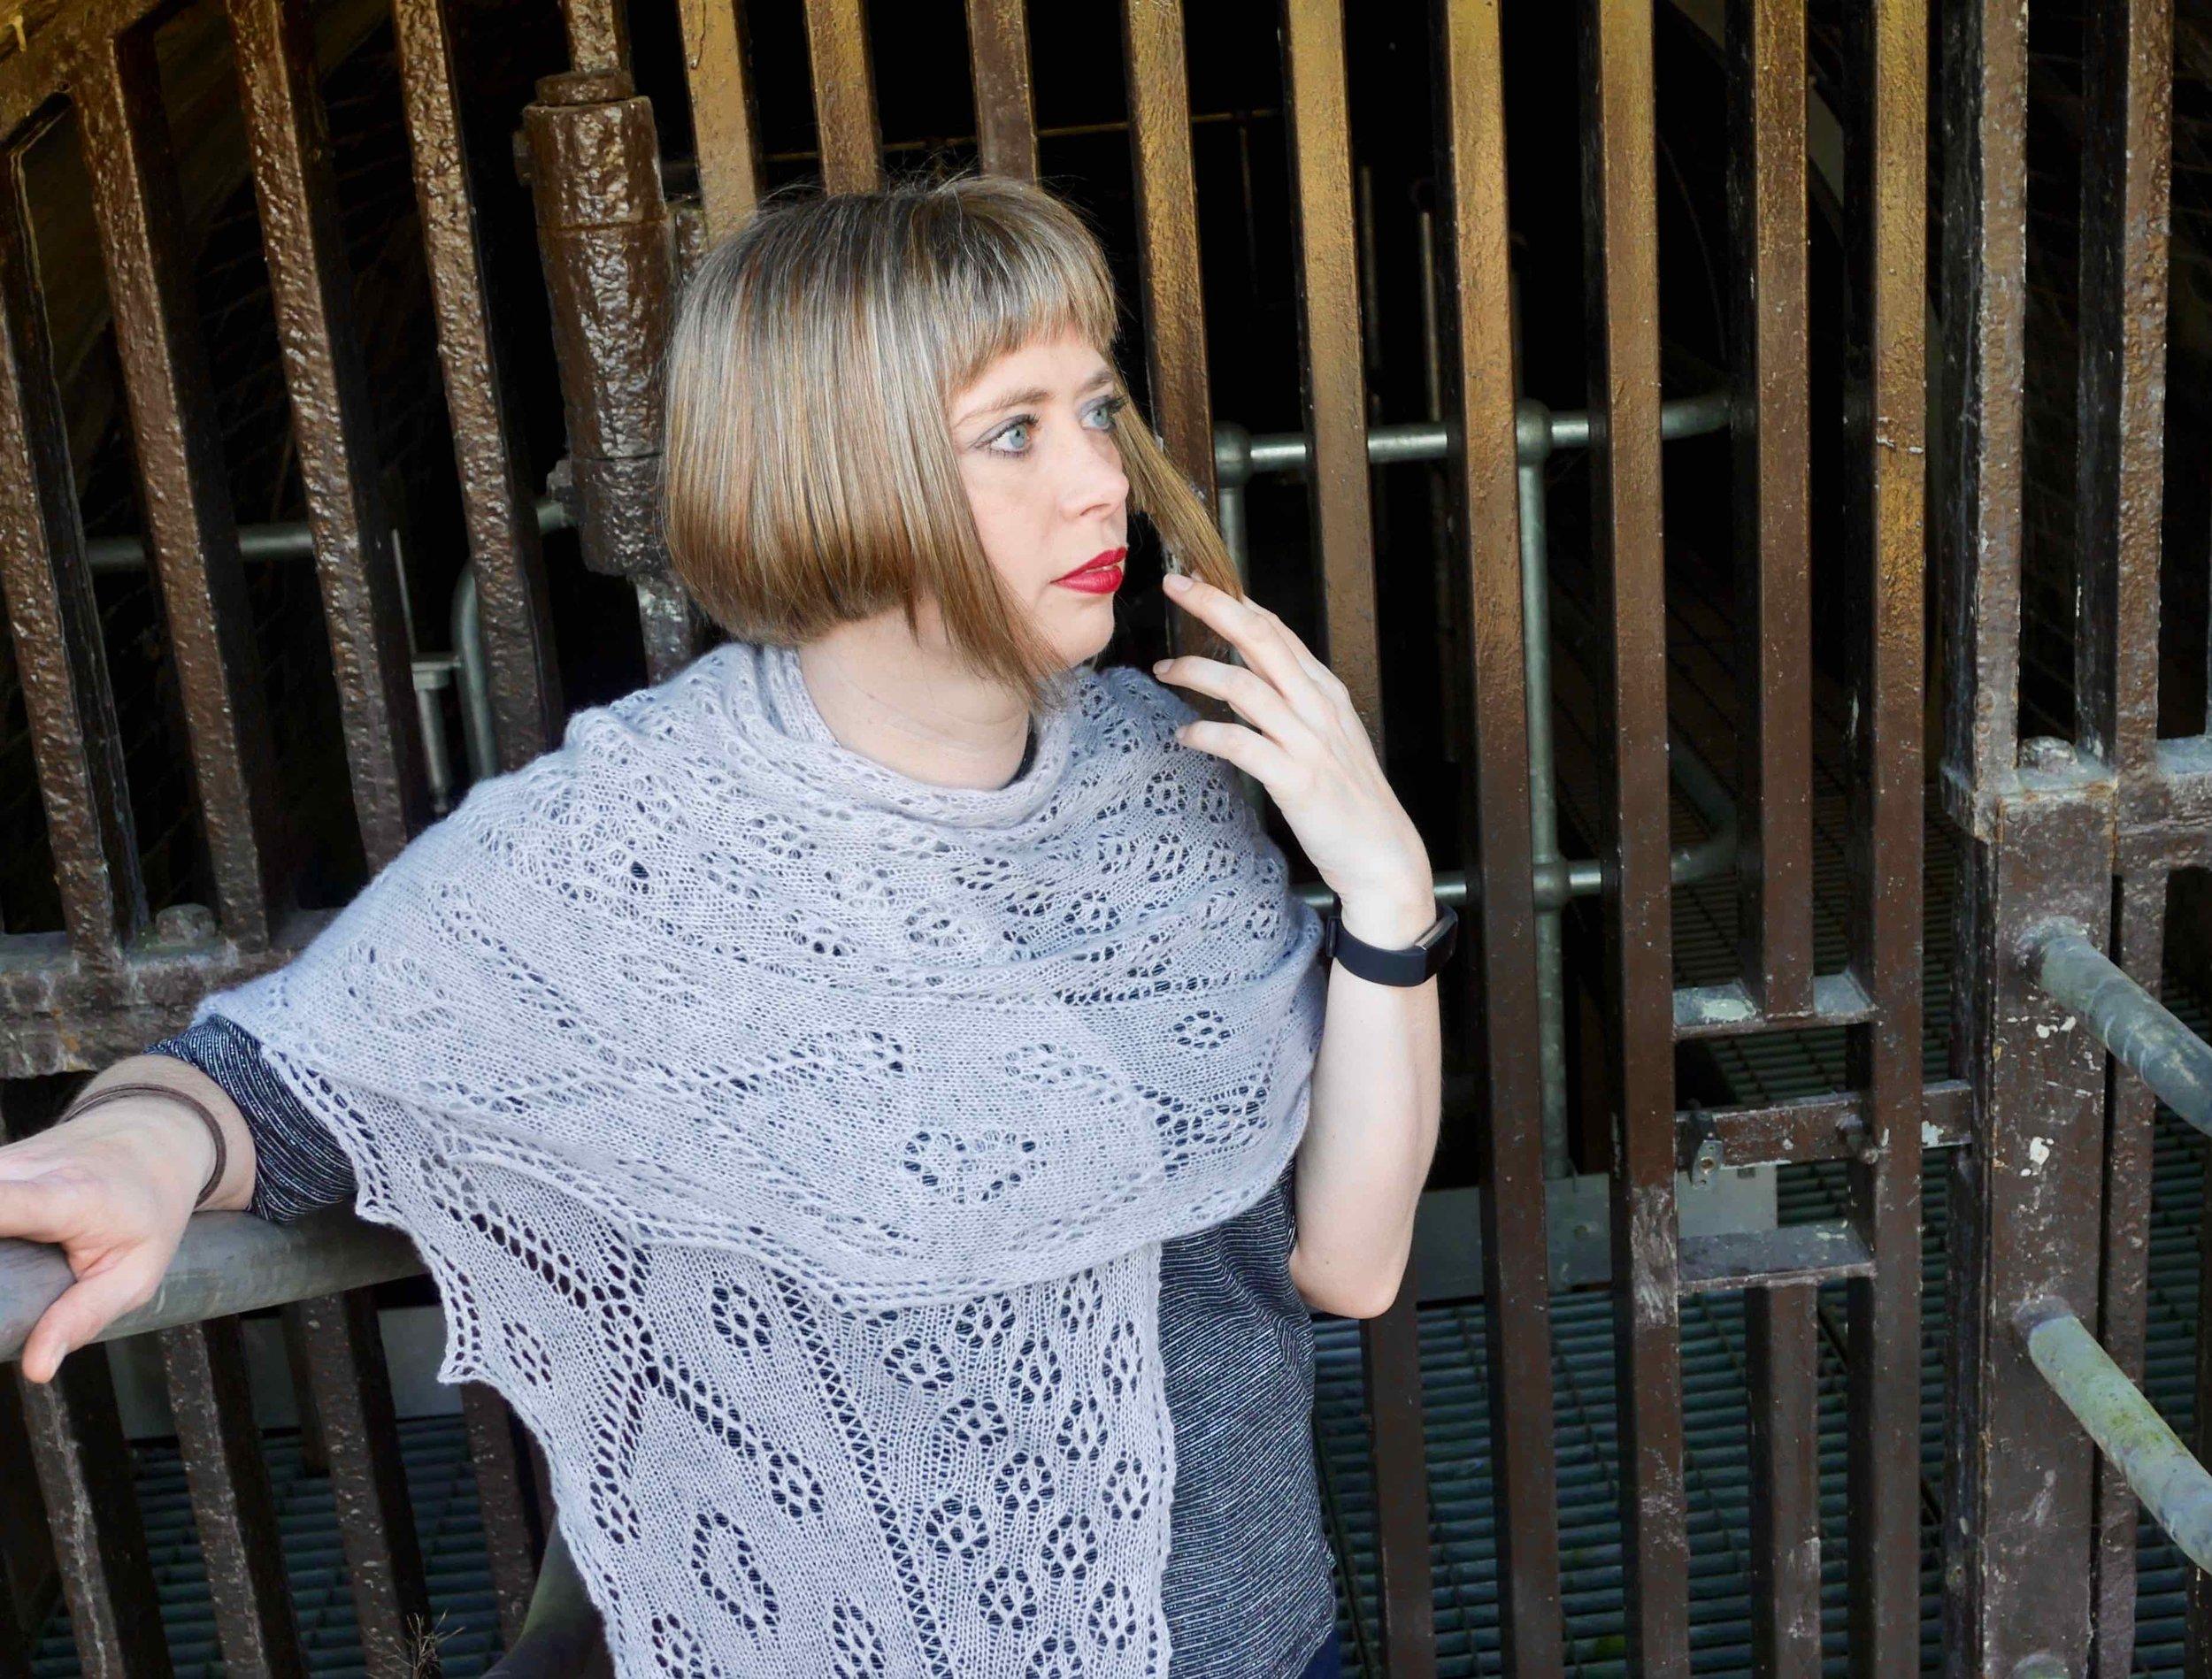 Tico shawl worn as a scarf